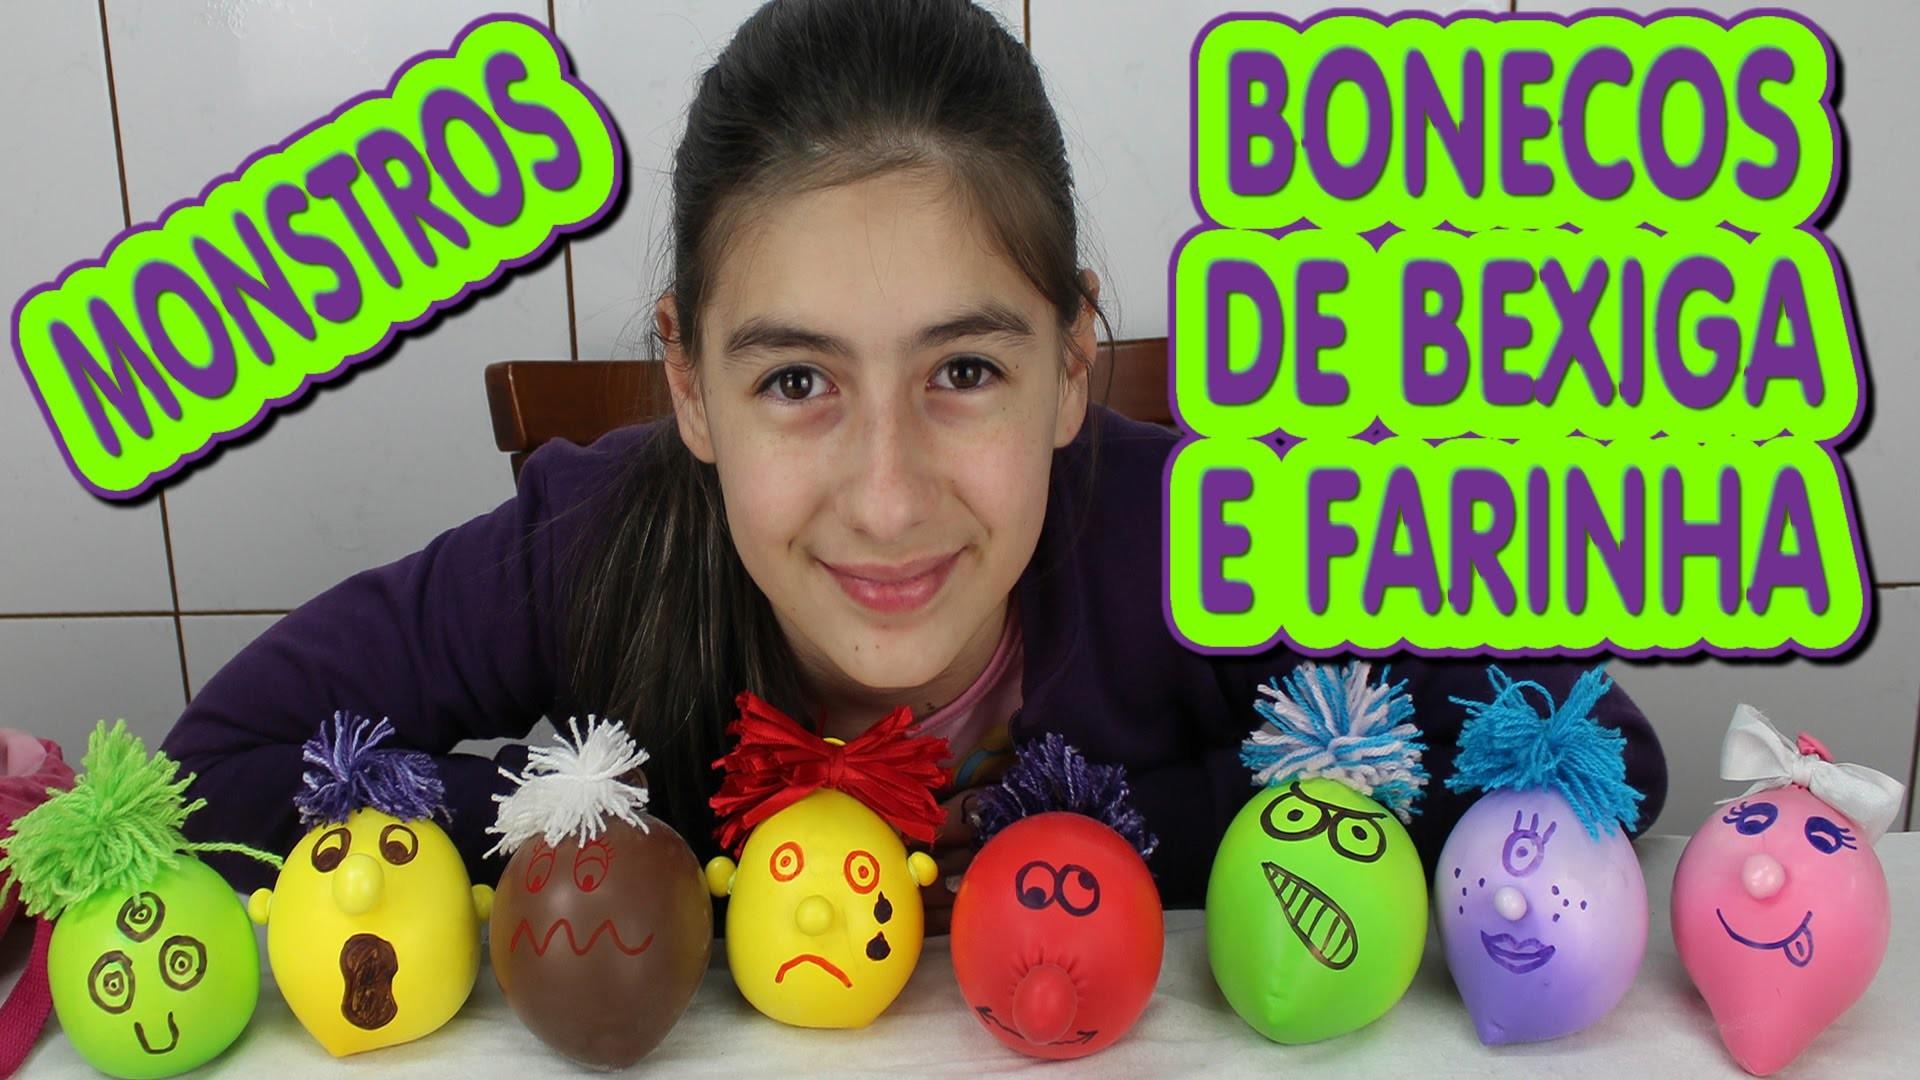 Boneco de bexiga com Farinha como fazer (Monstro, Diferente, Amido, DIY) Monster Bladder and Flour